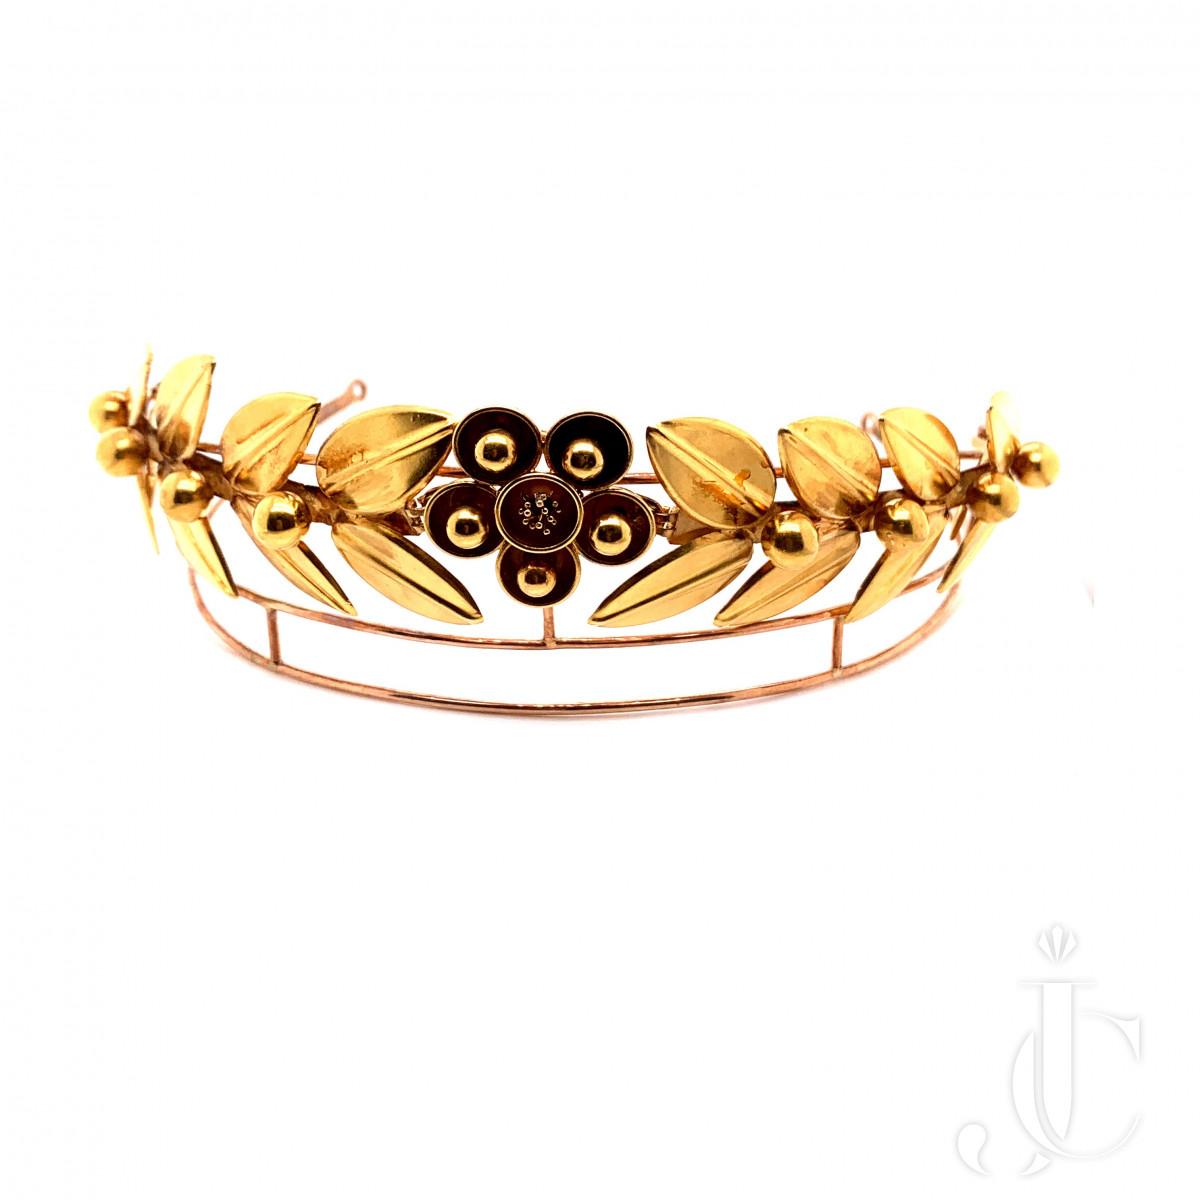 18k Gold Tiara by Castellani